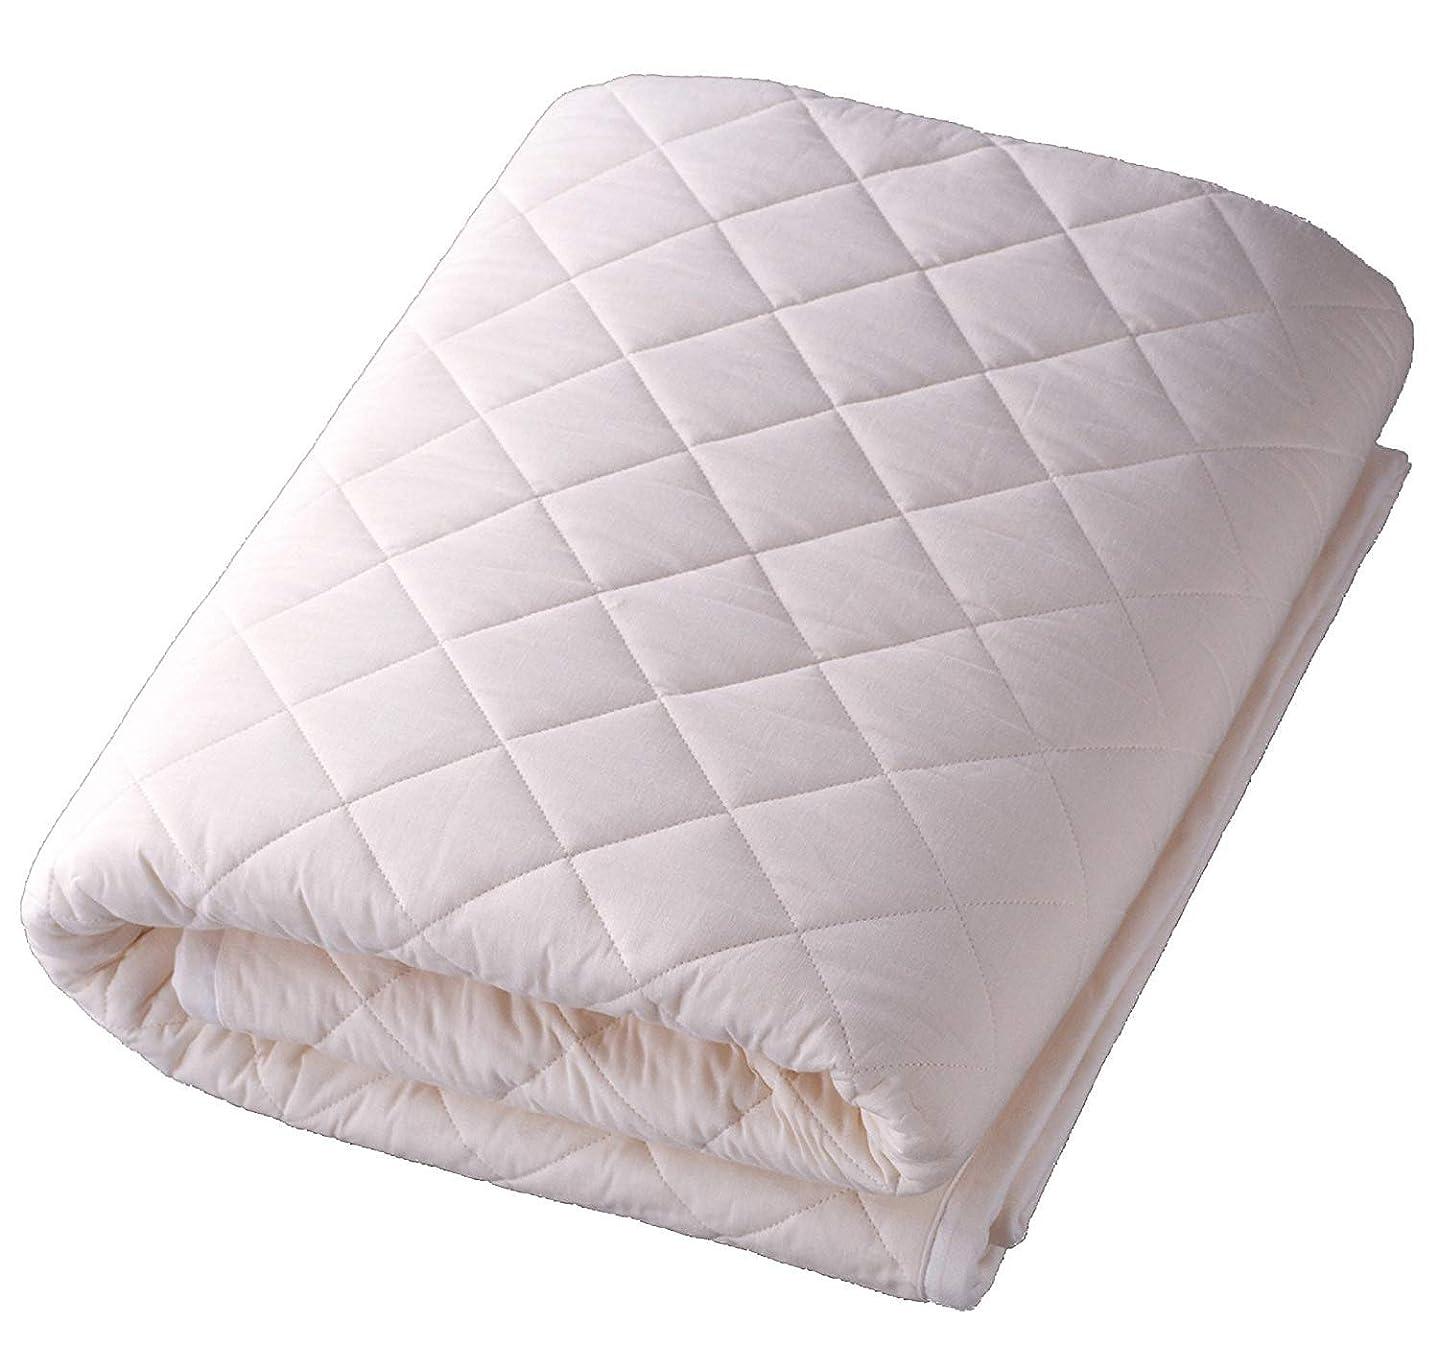 市場落ち着いたやむを得ないimabari towel japan タオルシーツ シングルサイズ 綿100% 日本製